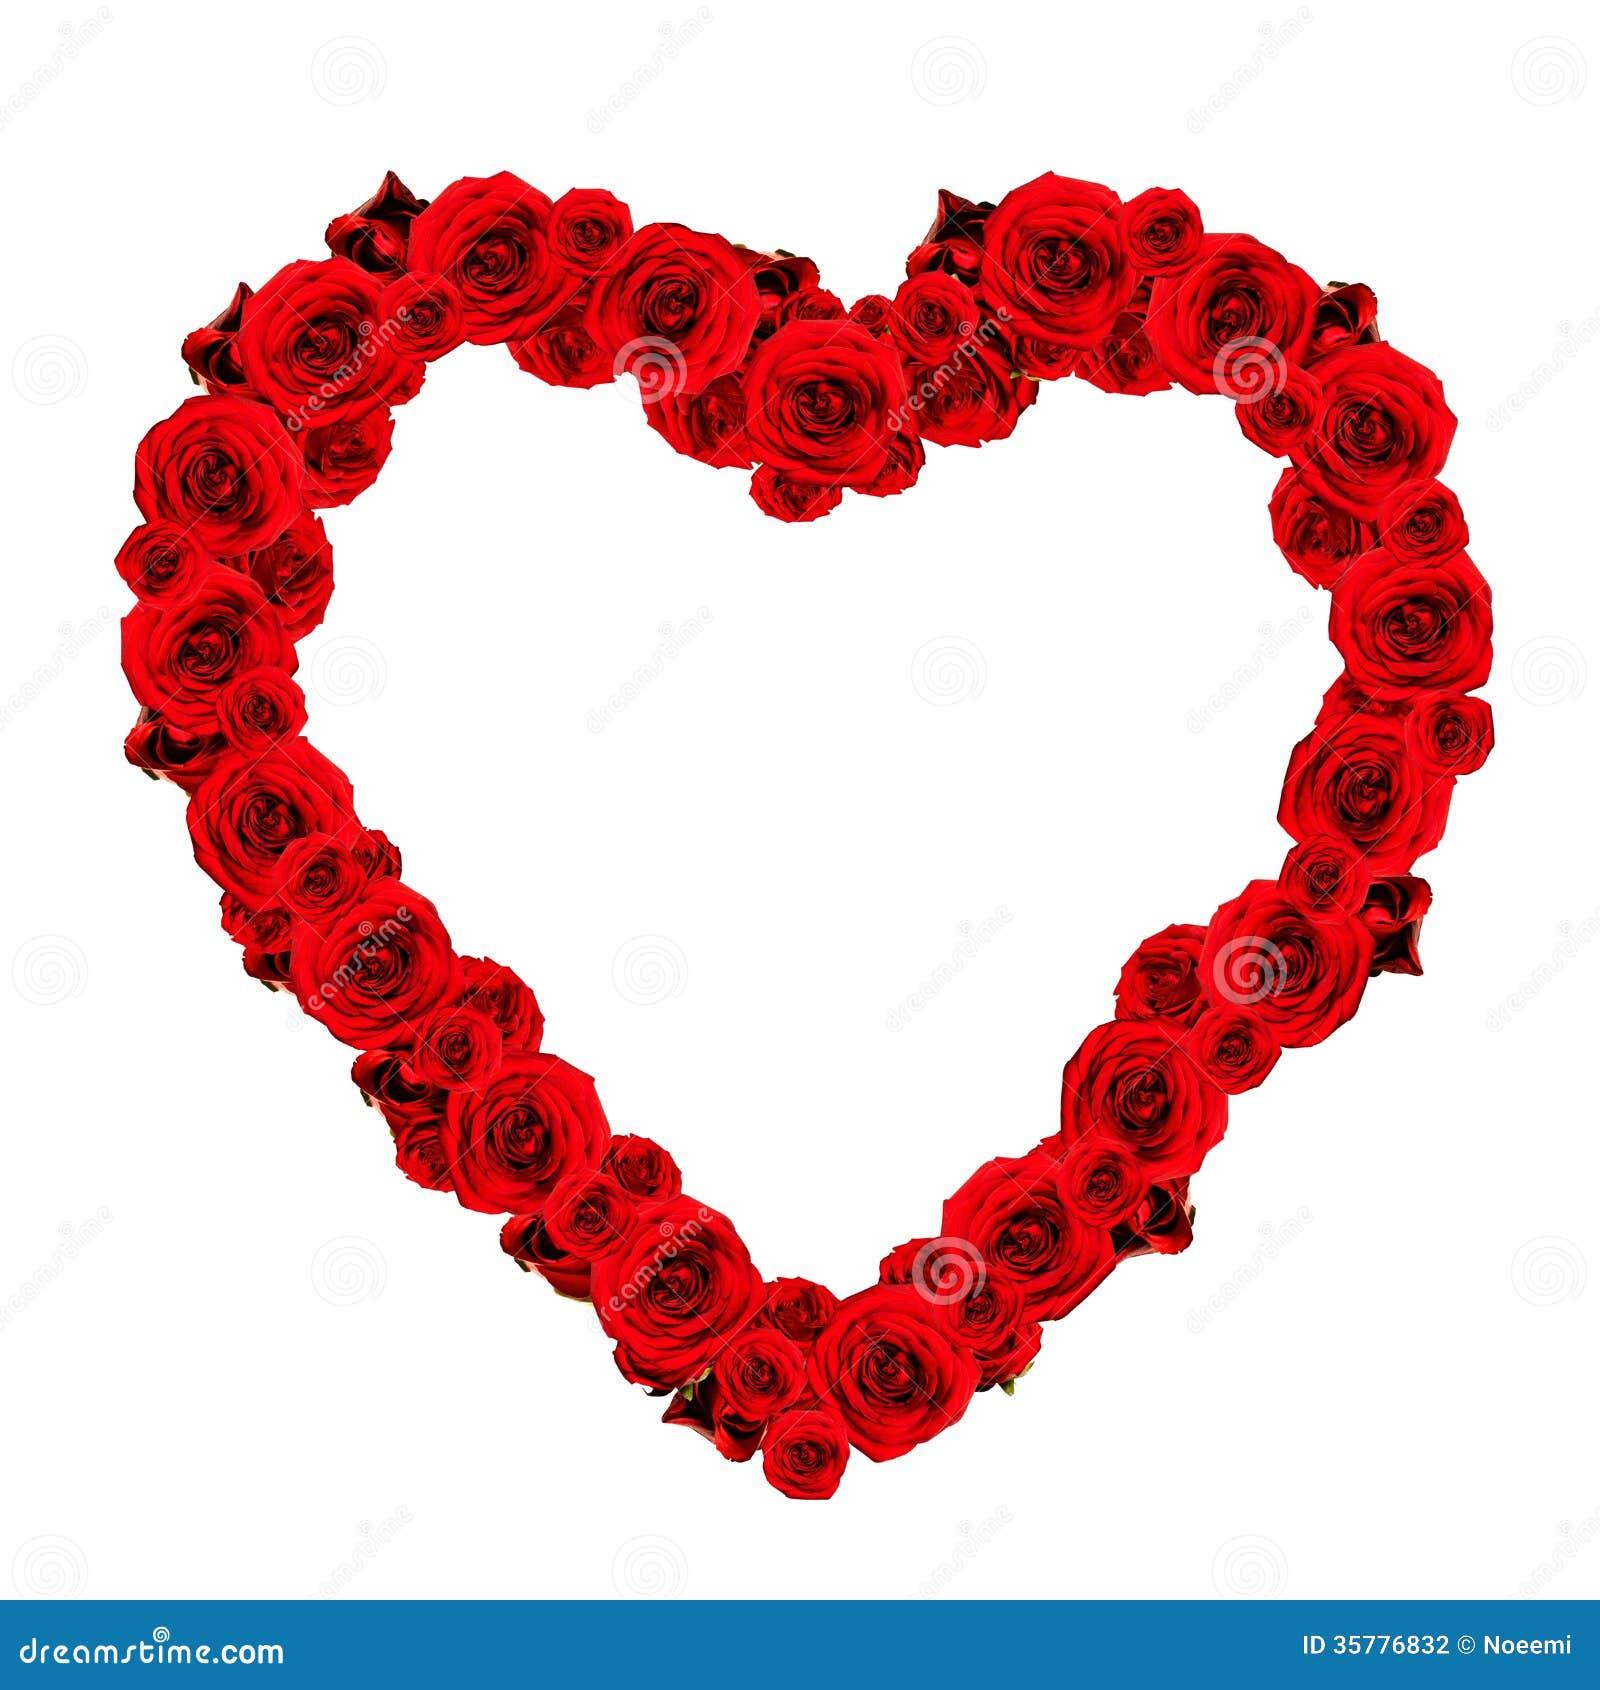 Schönes Herz Gemacht Von Den Roten Rosen - Rahmen Stockfoto - Bild ...